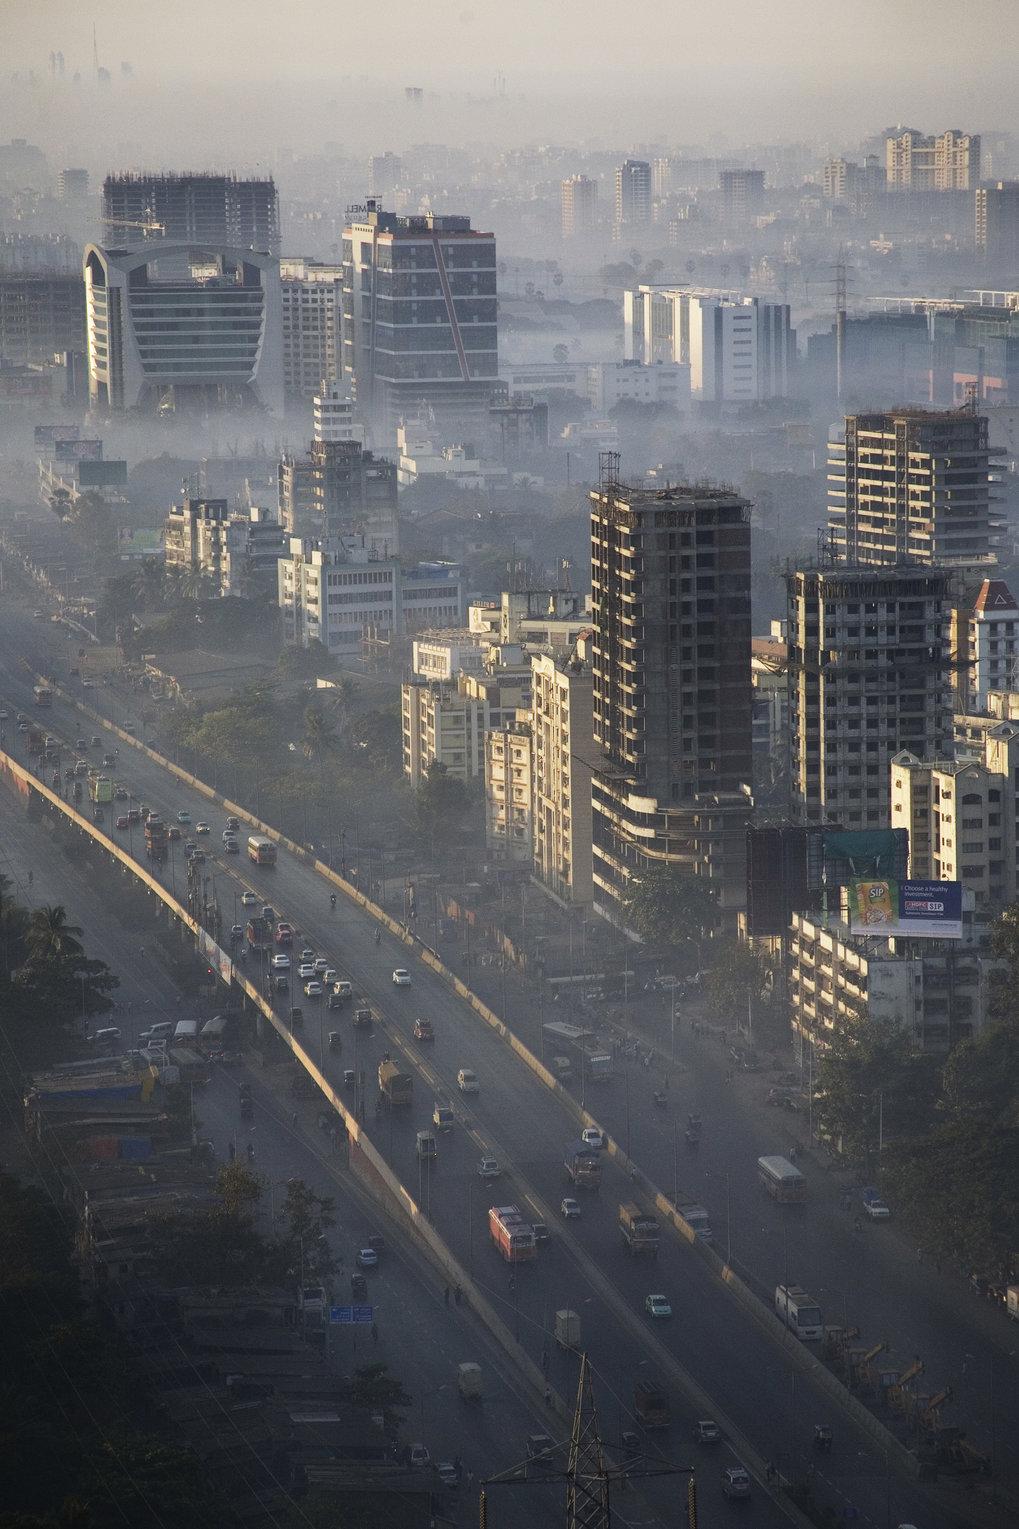 Dicke Luft: Alltag in Megacities wie Mumbai, Indien.